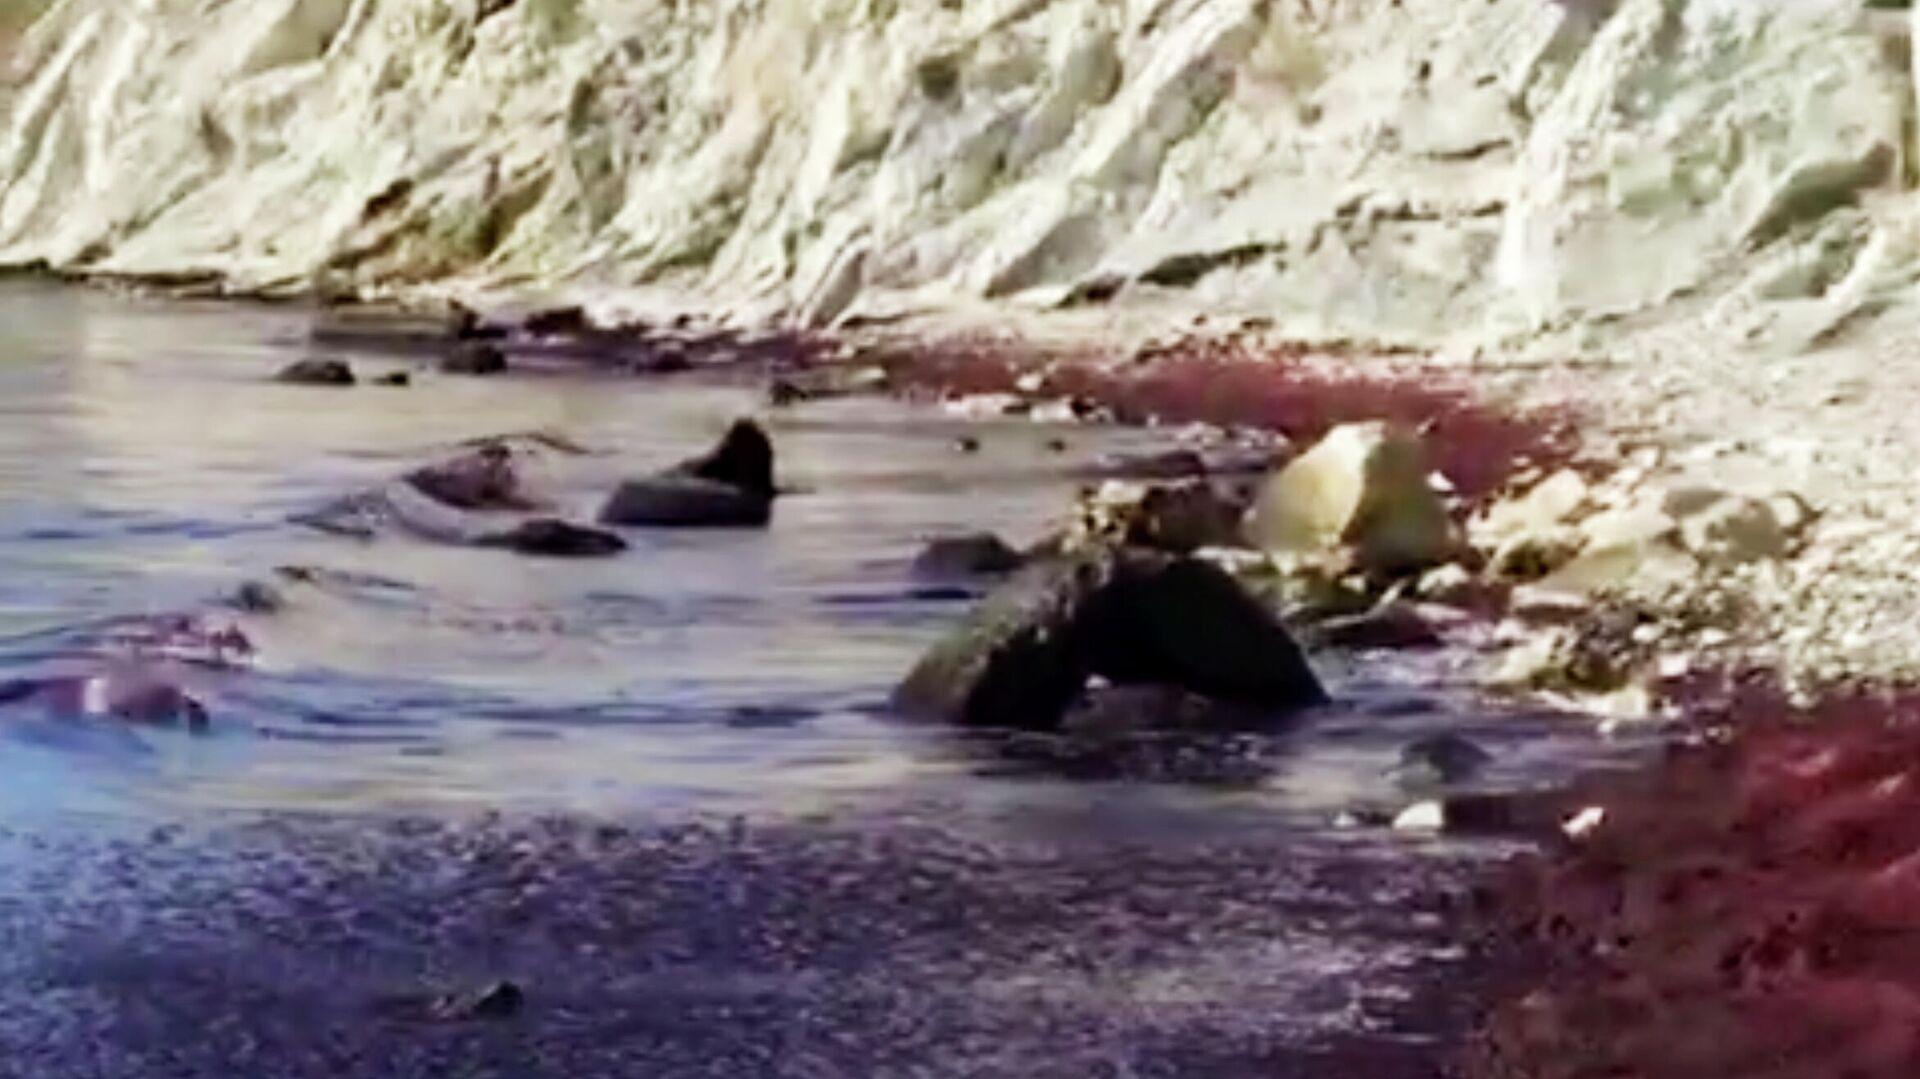 Красное море в поселке Мысхако недалеко от Новороссийска. Стоп-кадр видео - РИА Новости, 1920, 11.03.2021